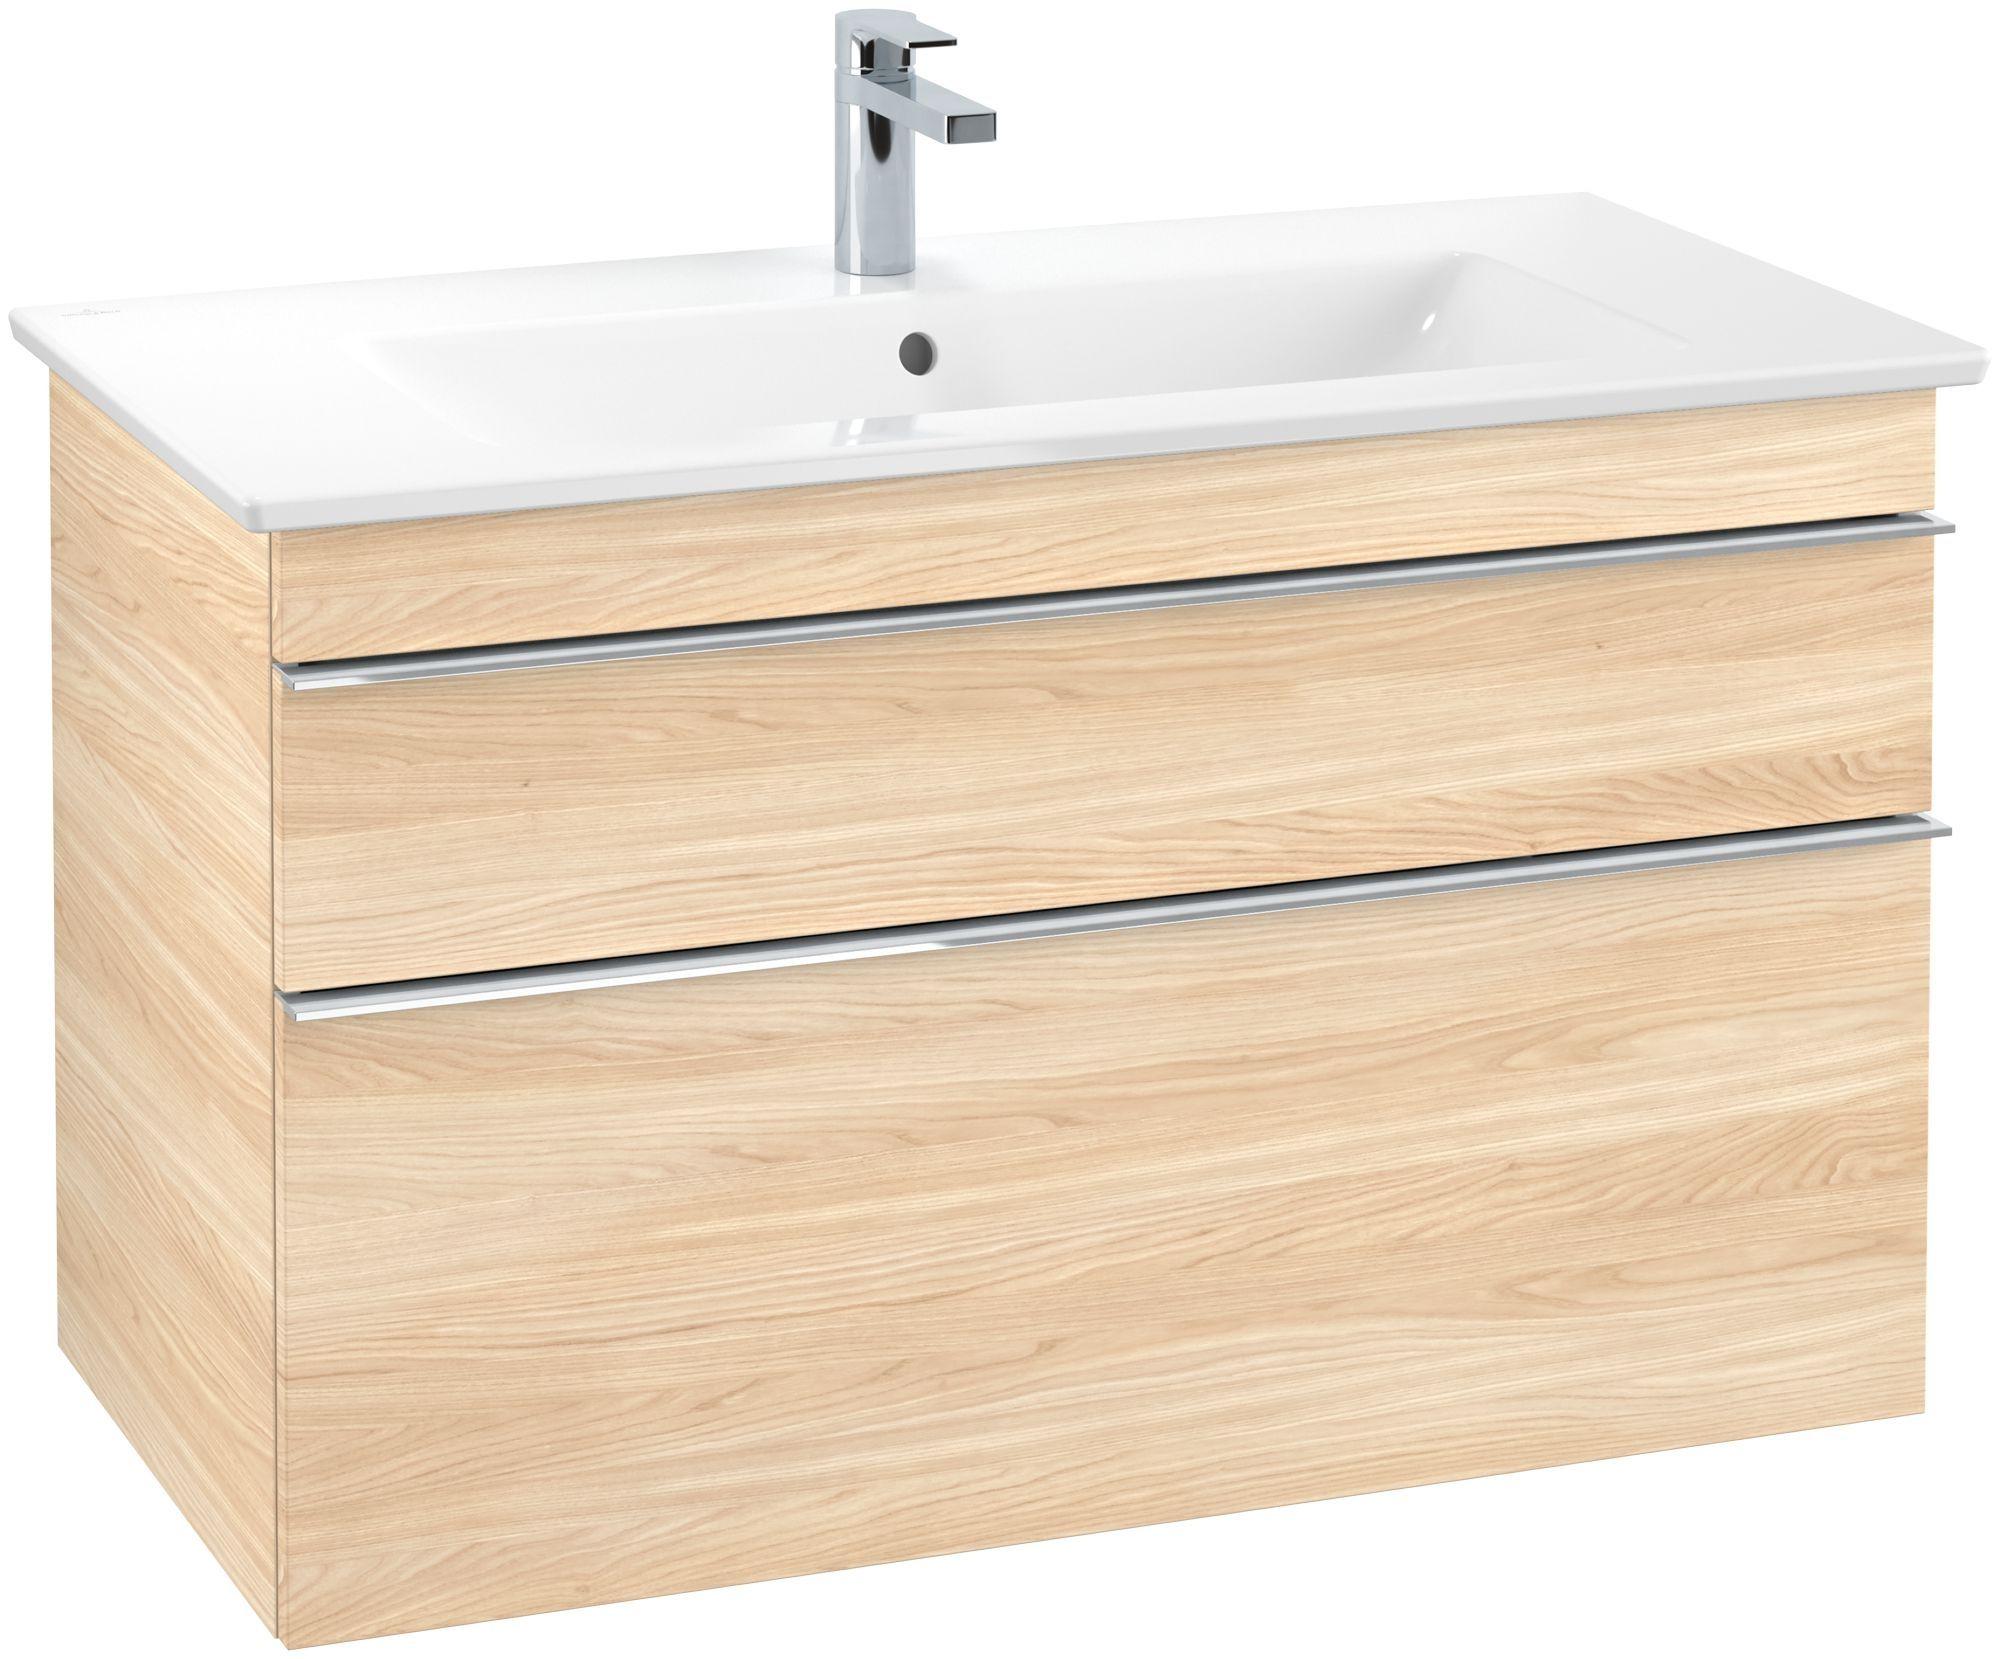 Villeroy & Boch Venticello Waschtischunterschrank 2 Auszüge B:953xT:502xH:590mm ulme impresso Griffe chrom A92601PN